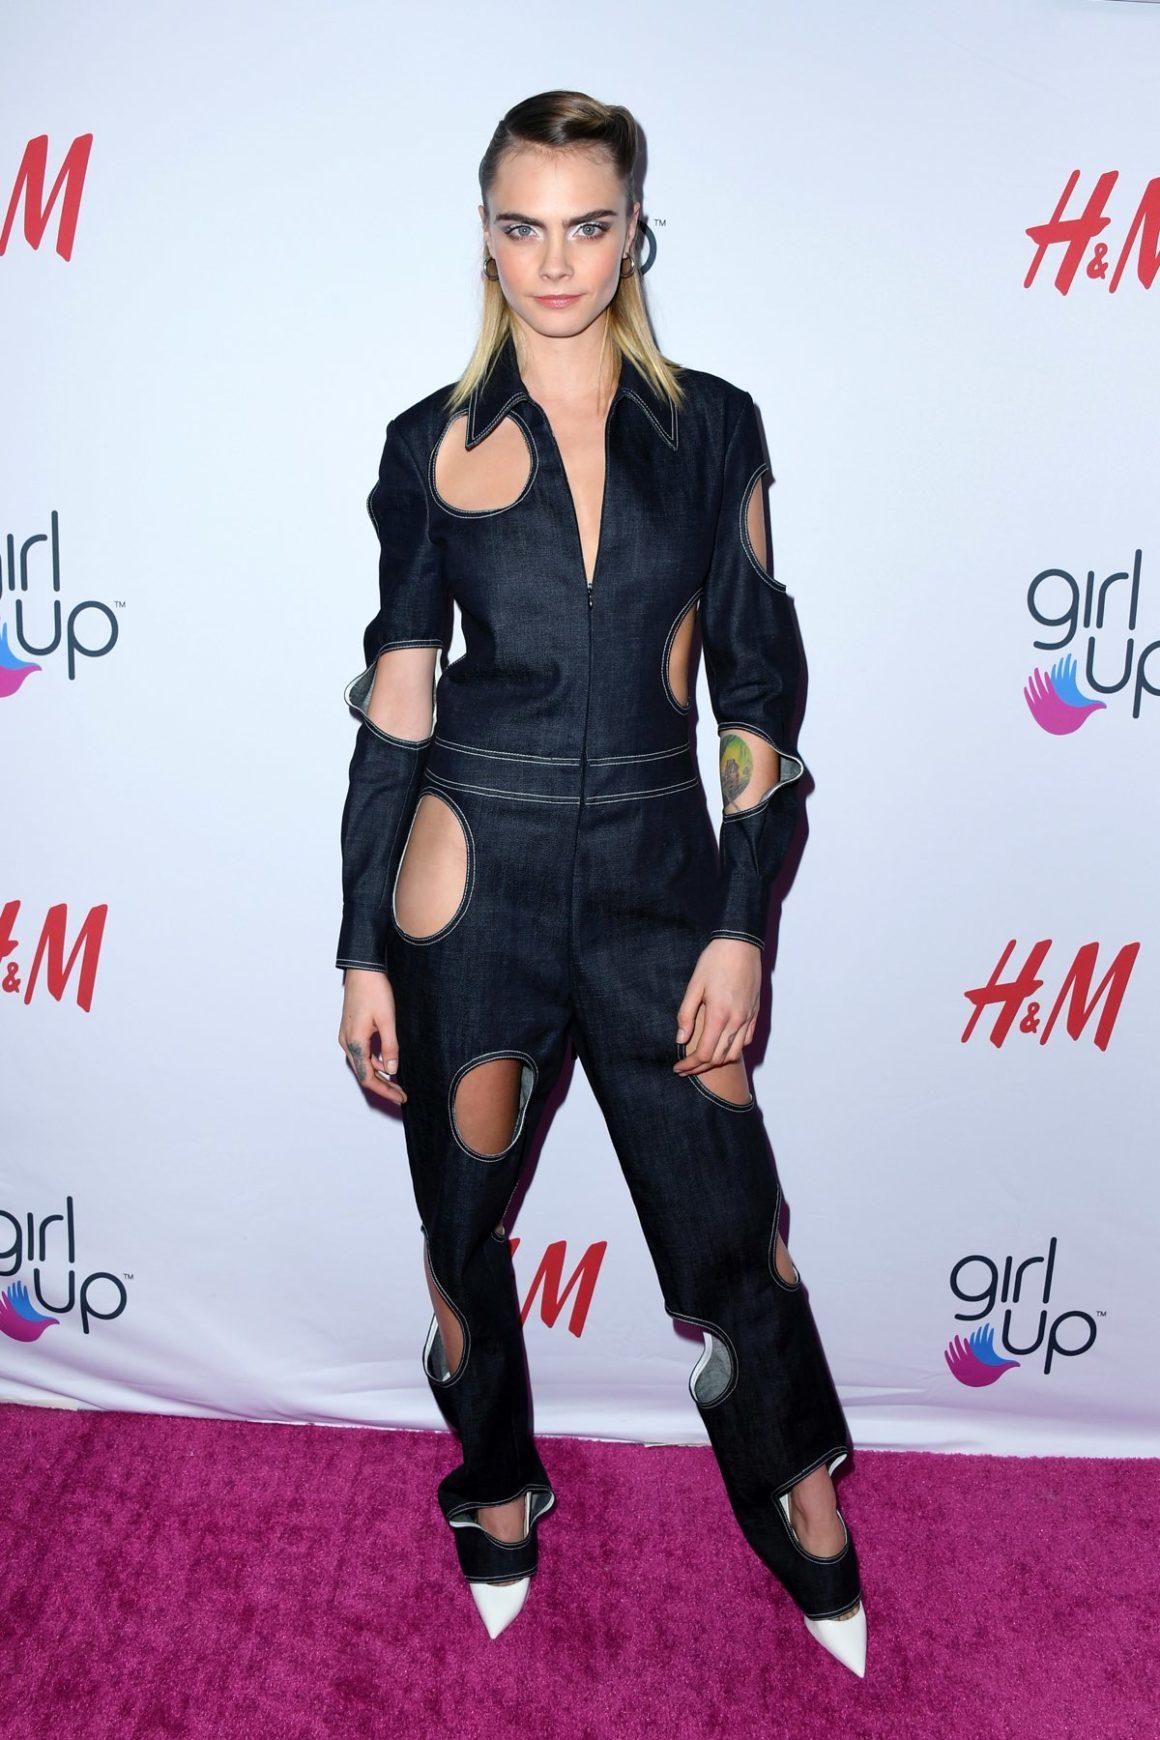 2nd Annual Girl Up #GirlHero Awards - Arrivals